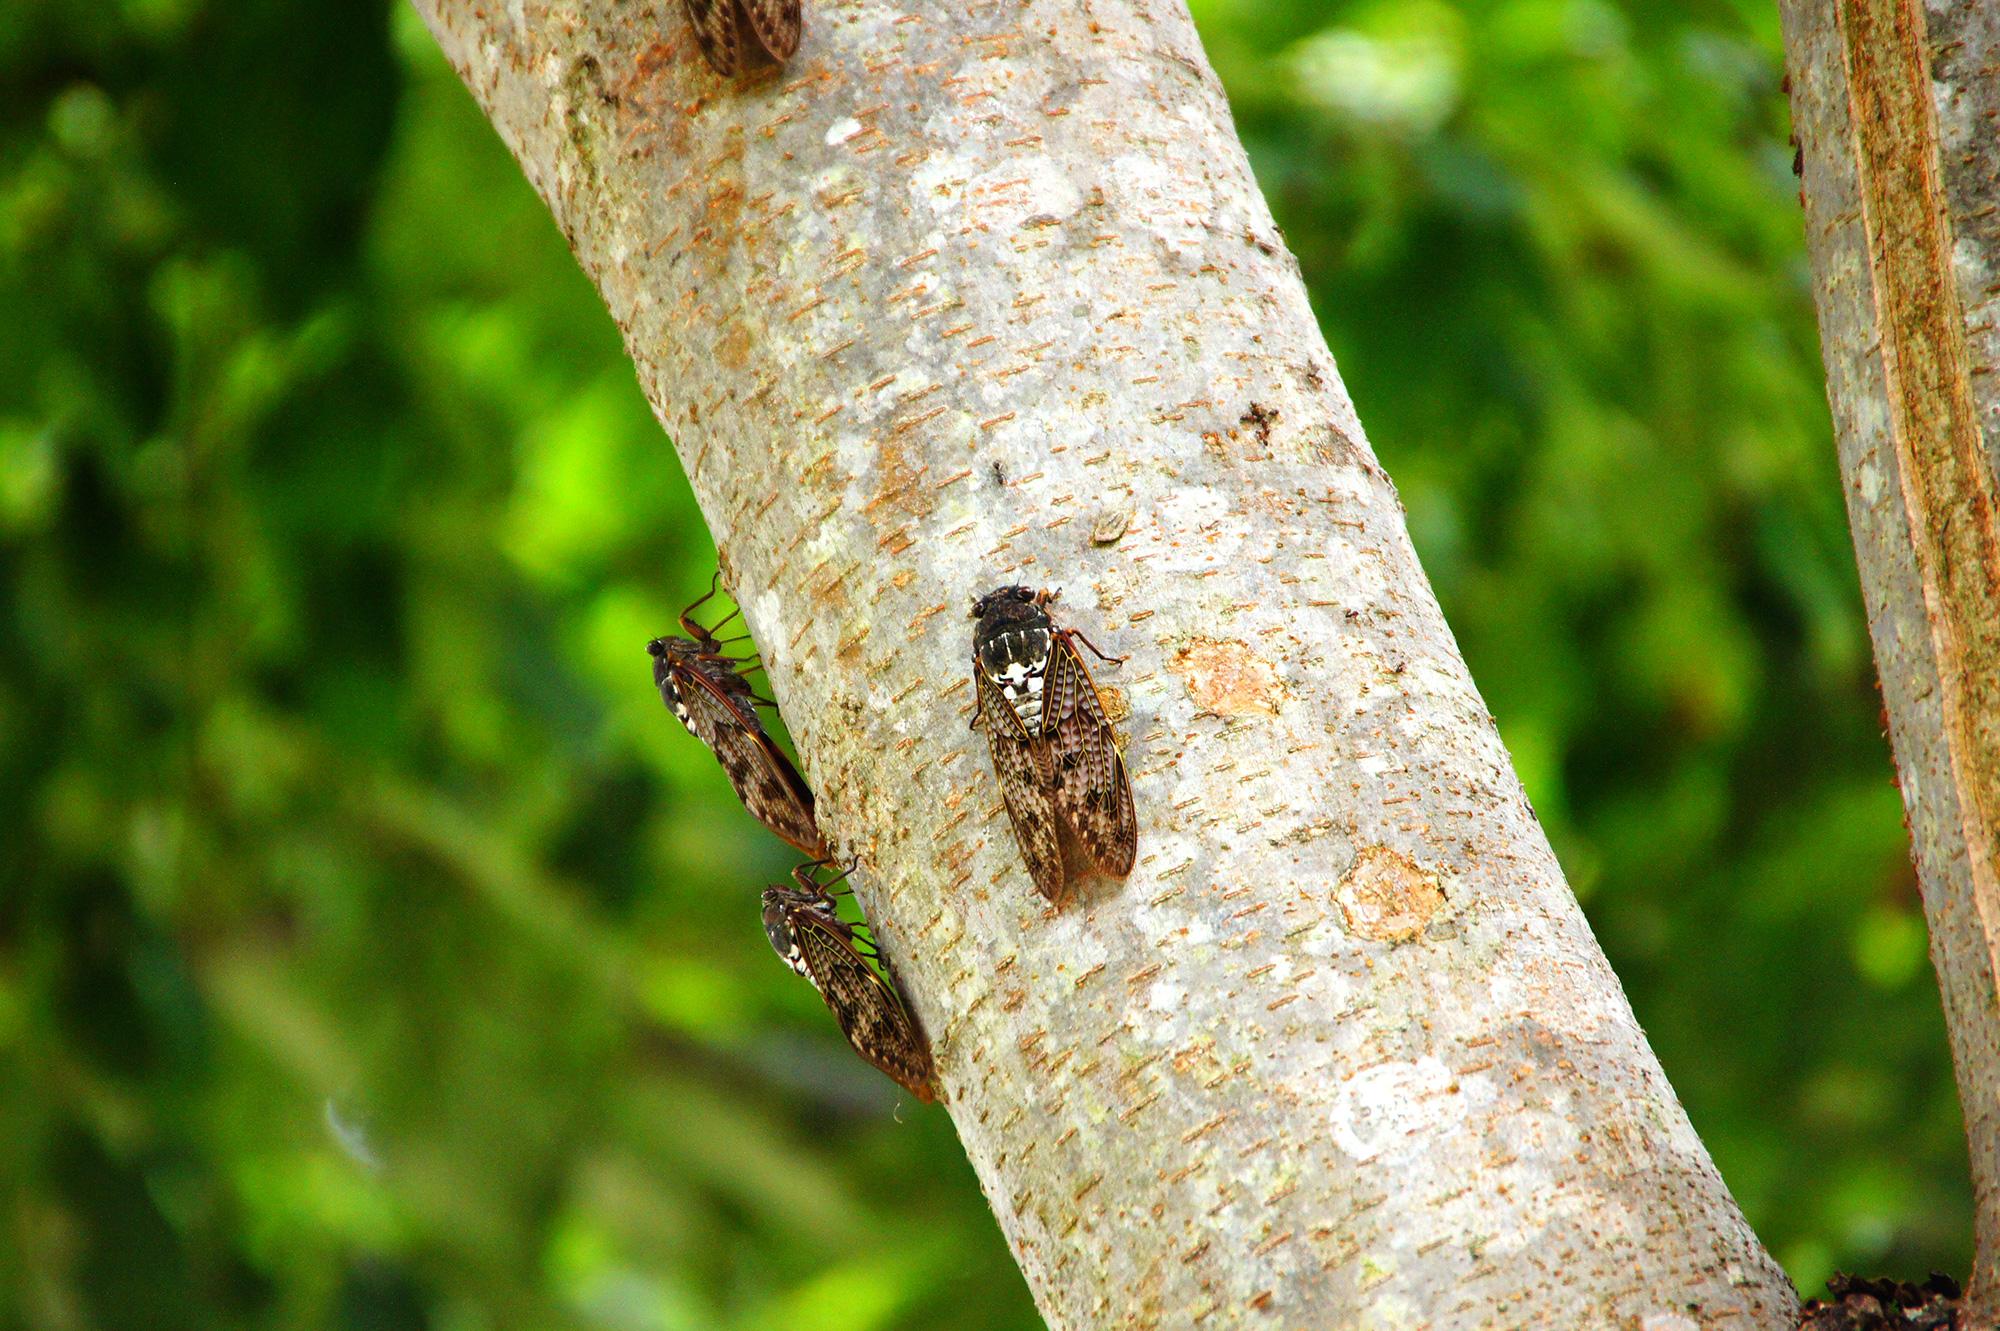 昆虫の蝉の写真素材(フリー)